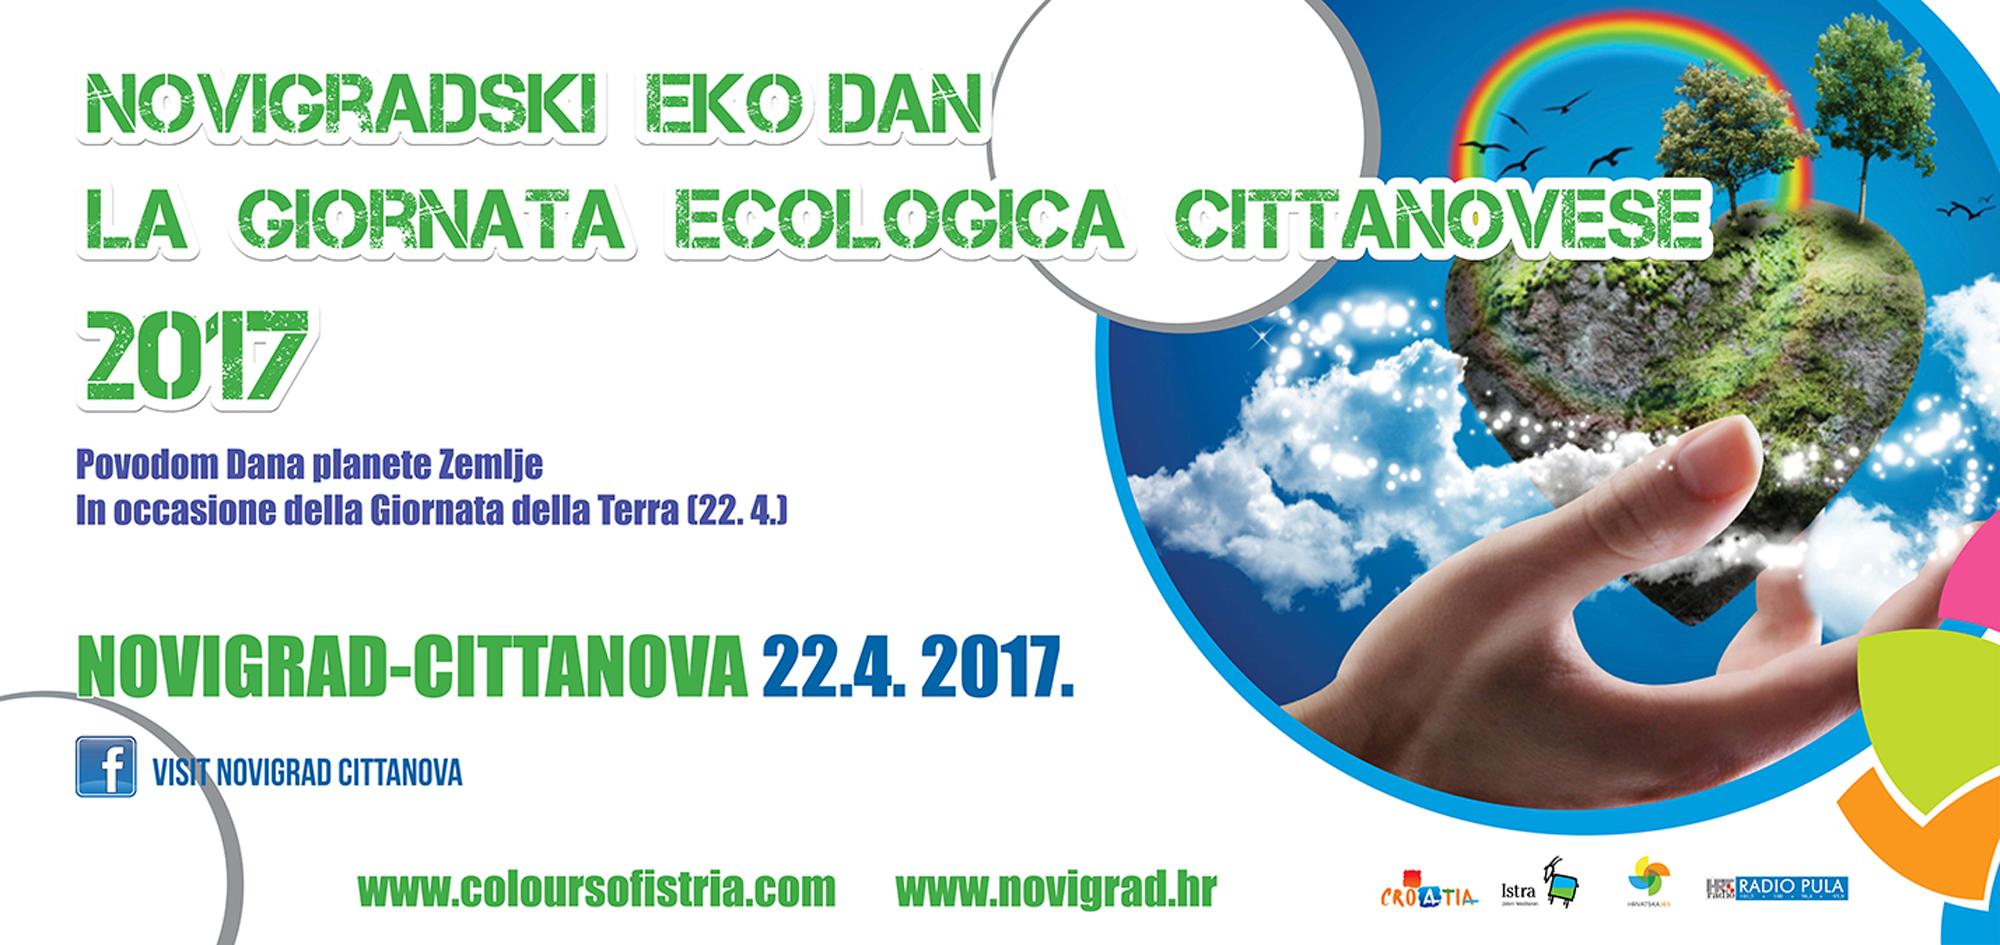 http://www.novigrad.hr/unitevi_alle_azioni_ecologiche_nella_giornata_ecologica_cittanovese